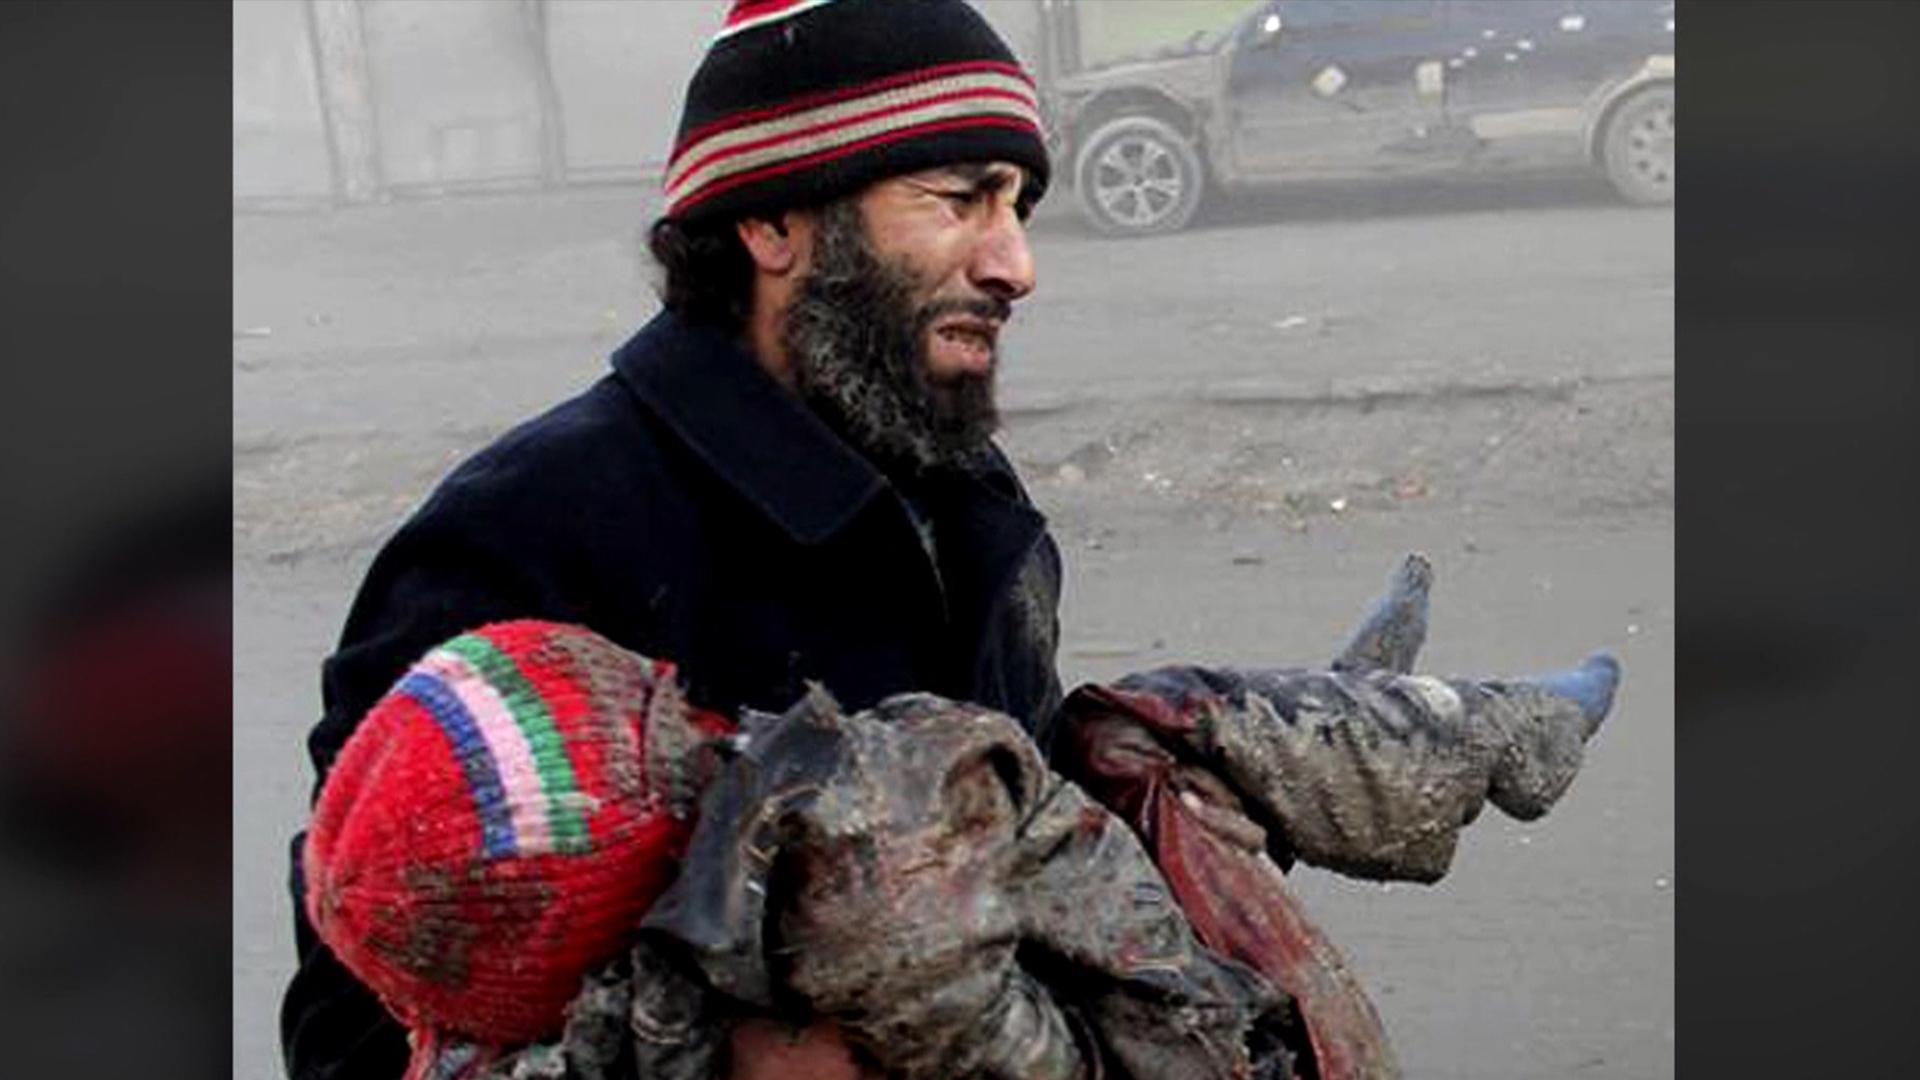 Barrel Bombs Terrorize Syrians Nbc News